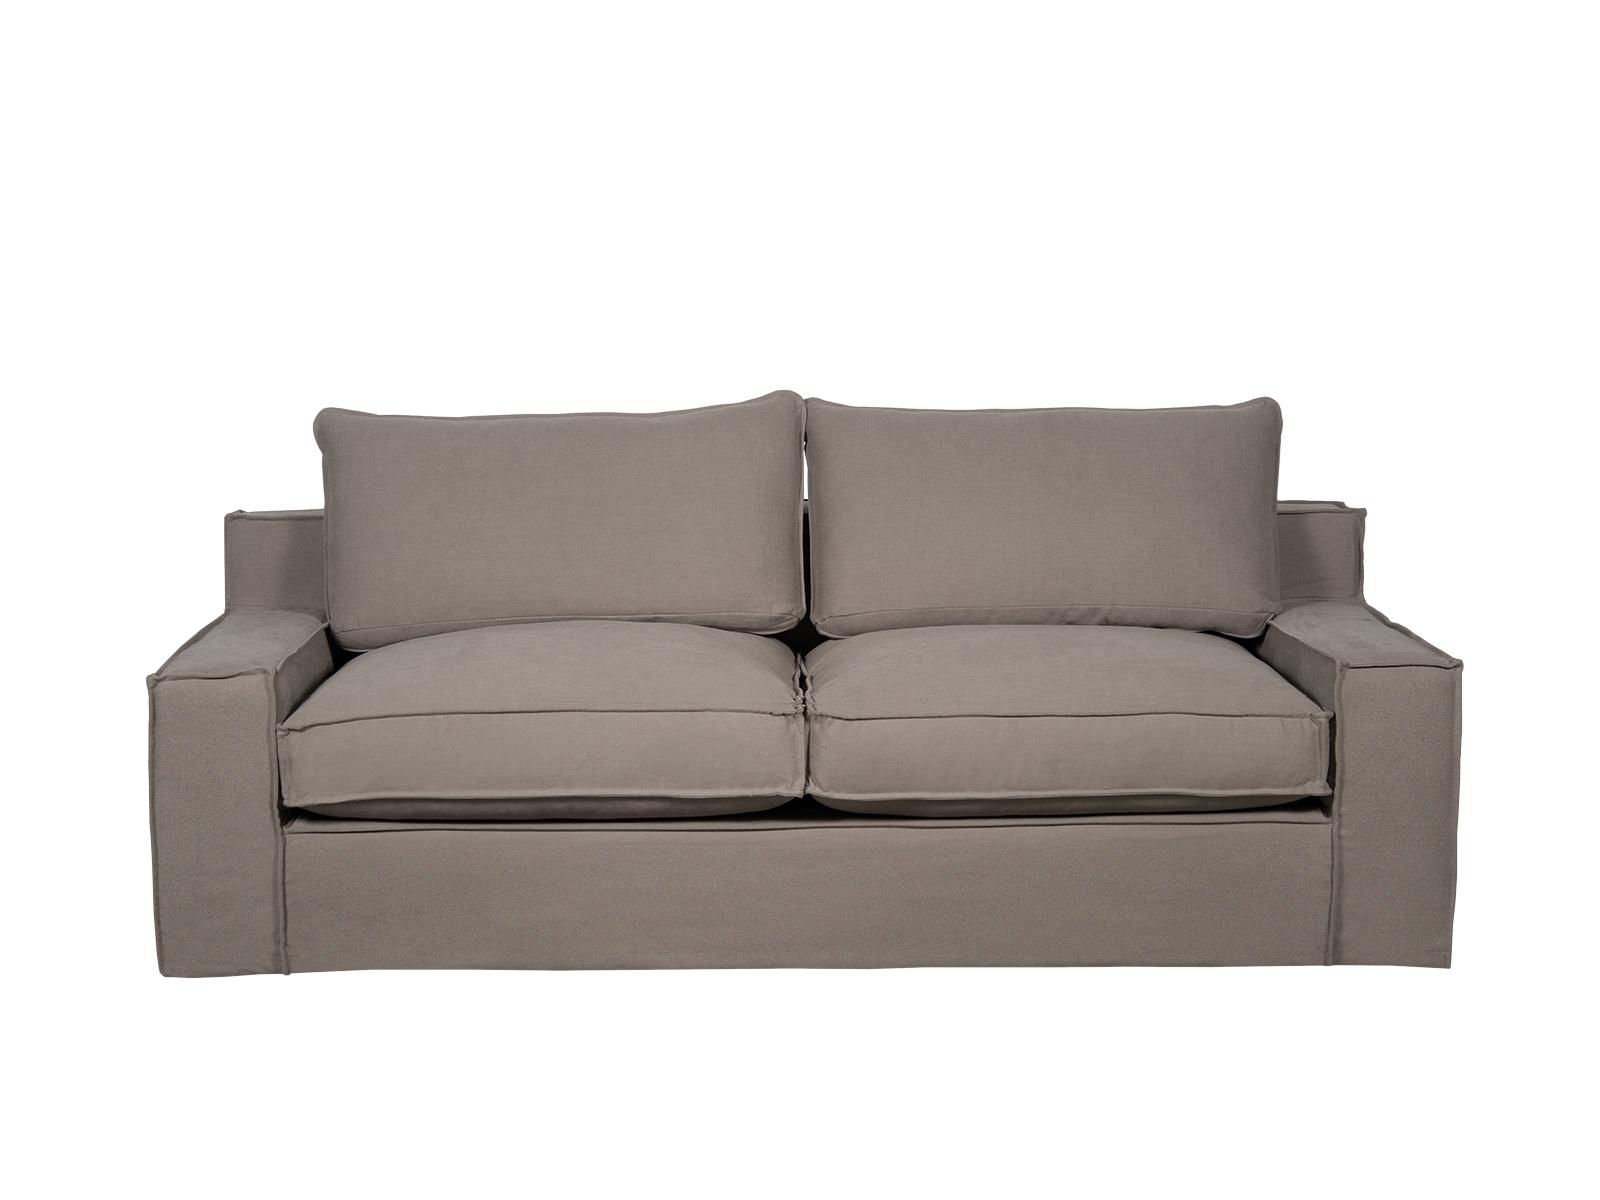 Canapea fixa 3 locuri Capri Brown poza noua